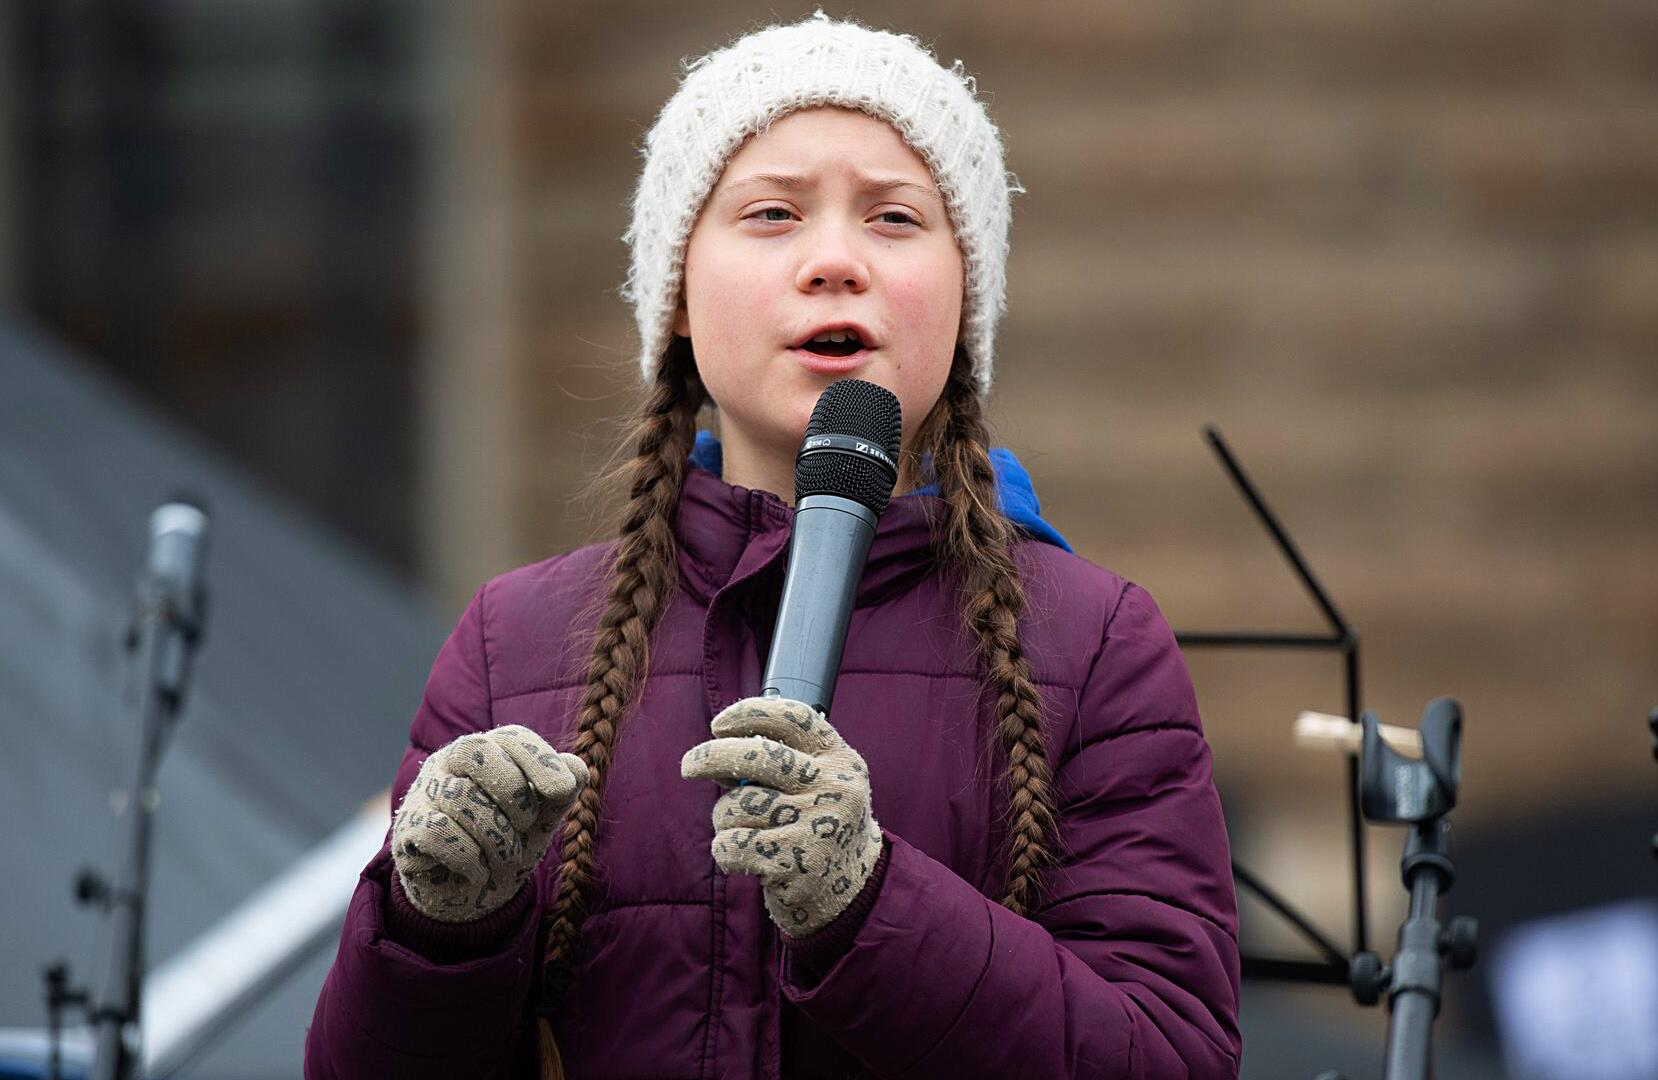 Bild zu Greta Thunberg, Hamburg, Protest, Demonstration, Klimaschutz, Schülerin